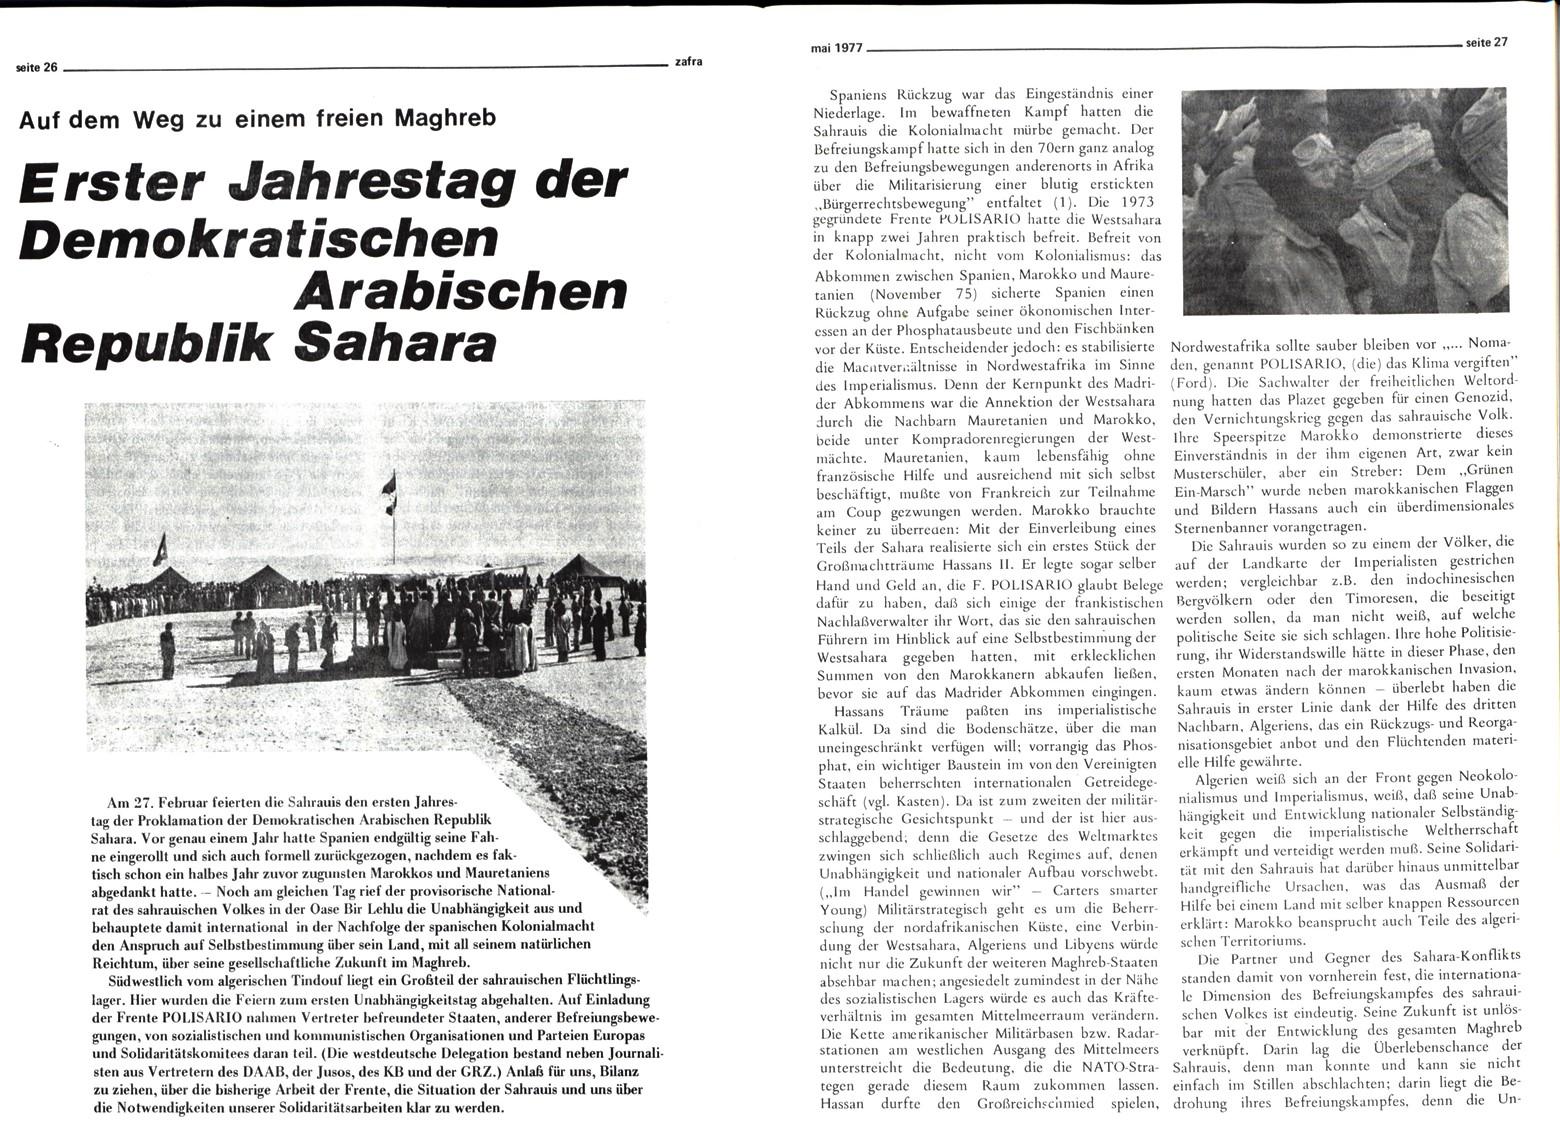 Bonn_ZAFRA_04_19770600_14